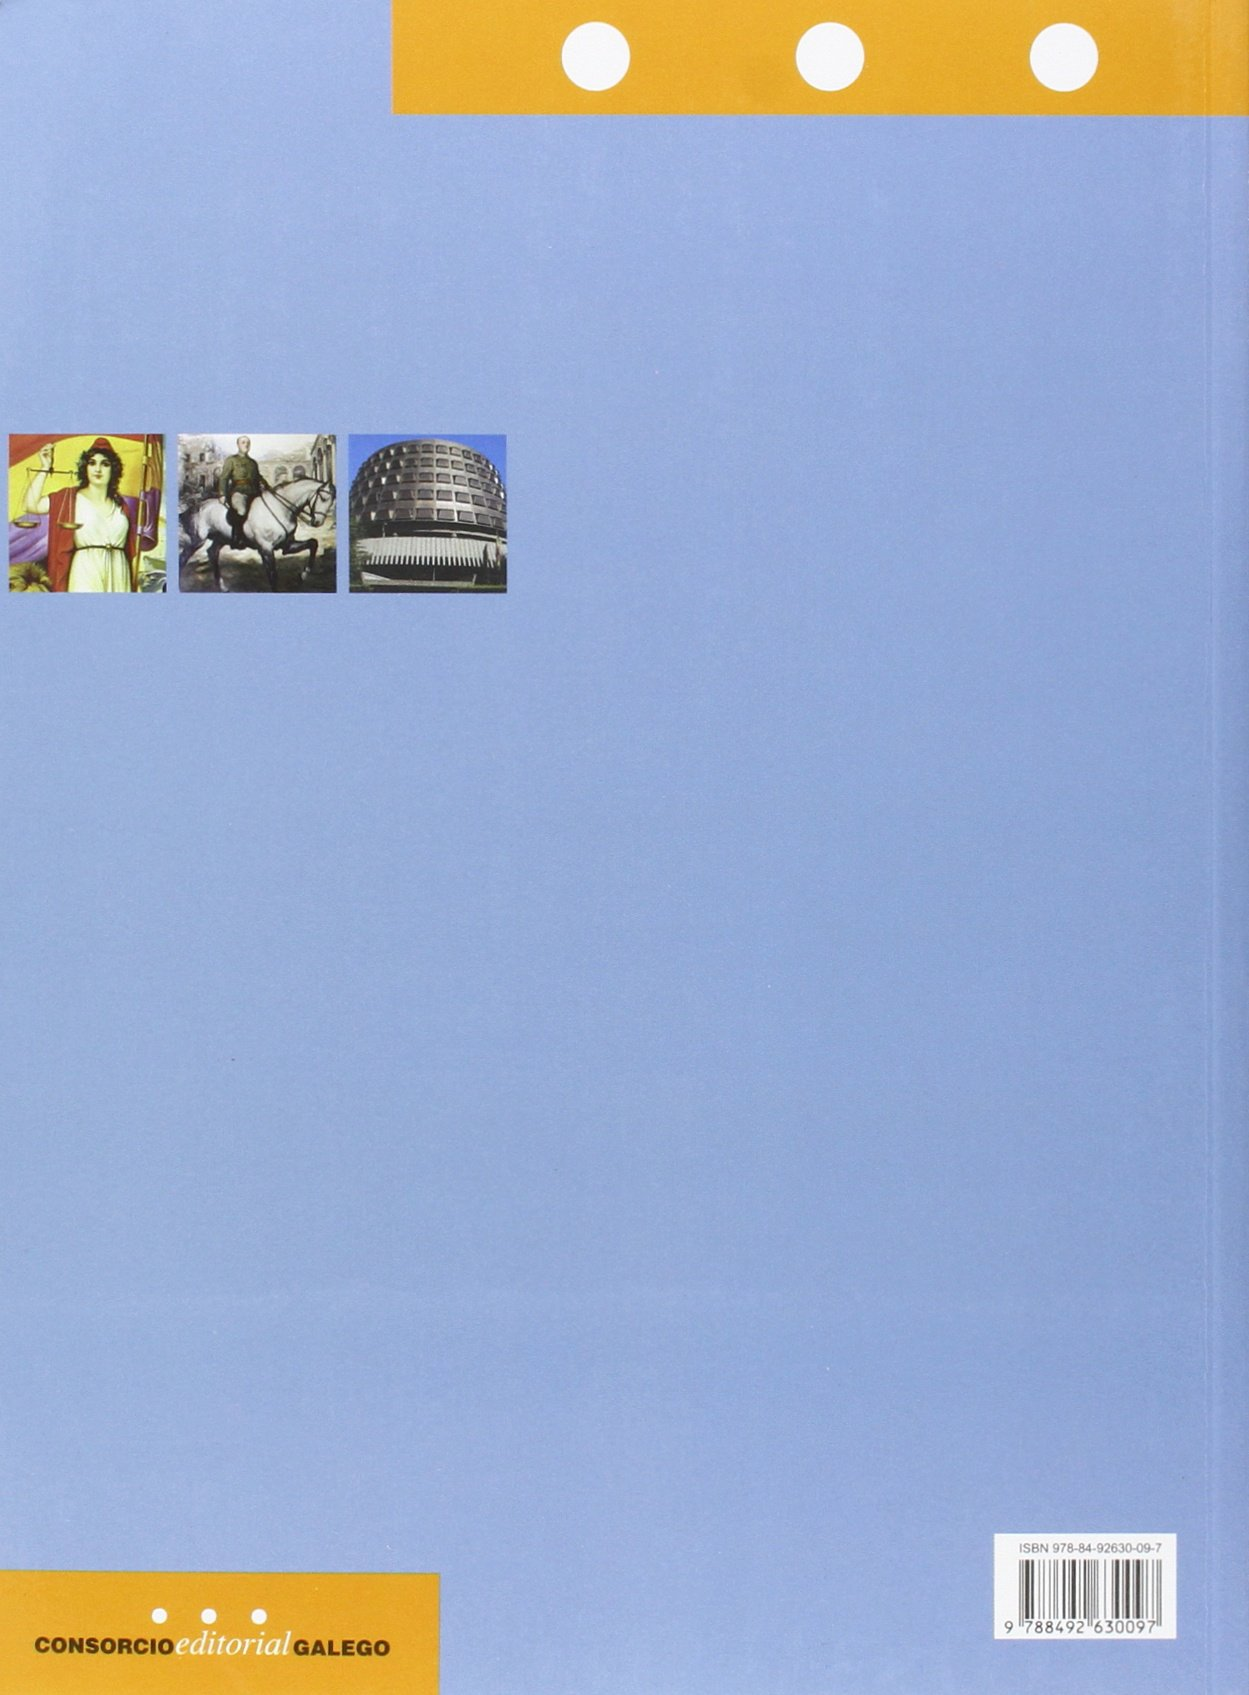 Historia de España (Libros de texto) - 9788492630097: Amazon.es: Alfeirán Rodríguez, Xosé, Brea Pedreira, Ana, Romero Masiá, Ana: Libros